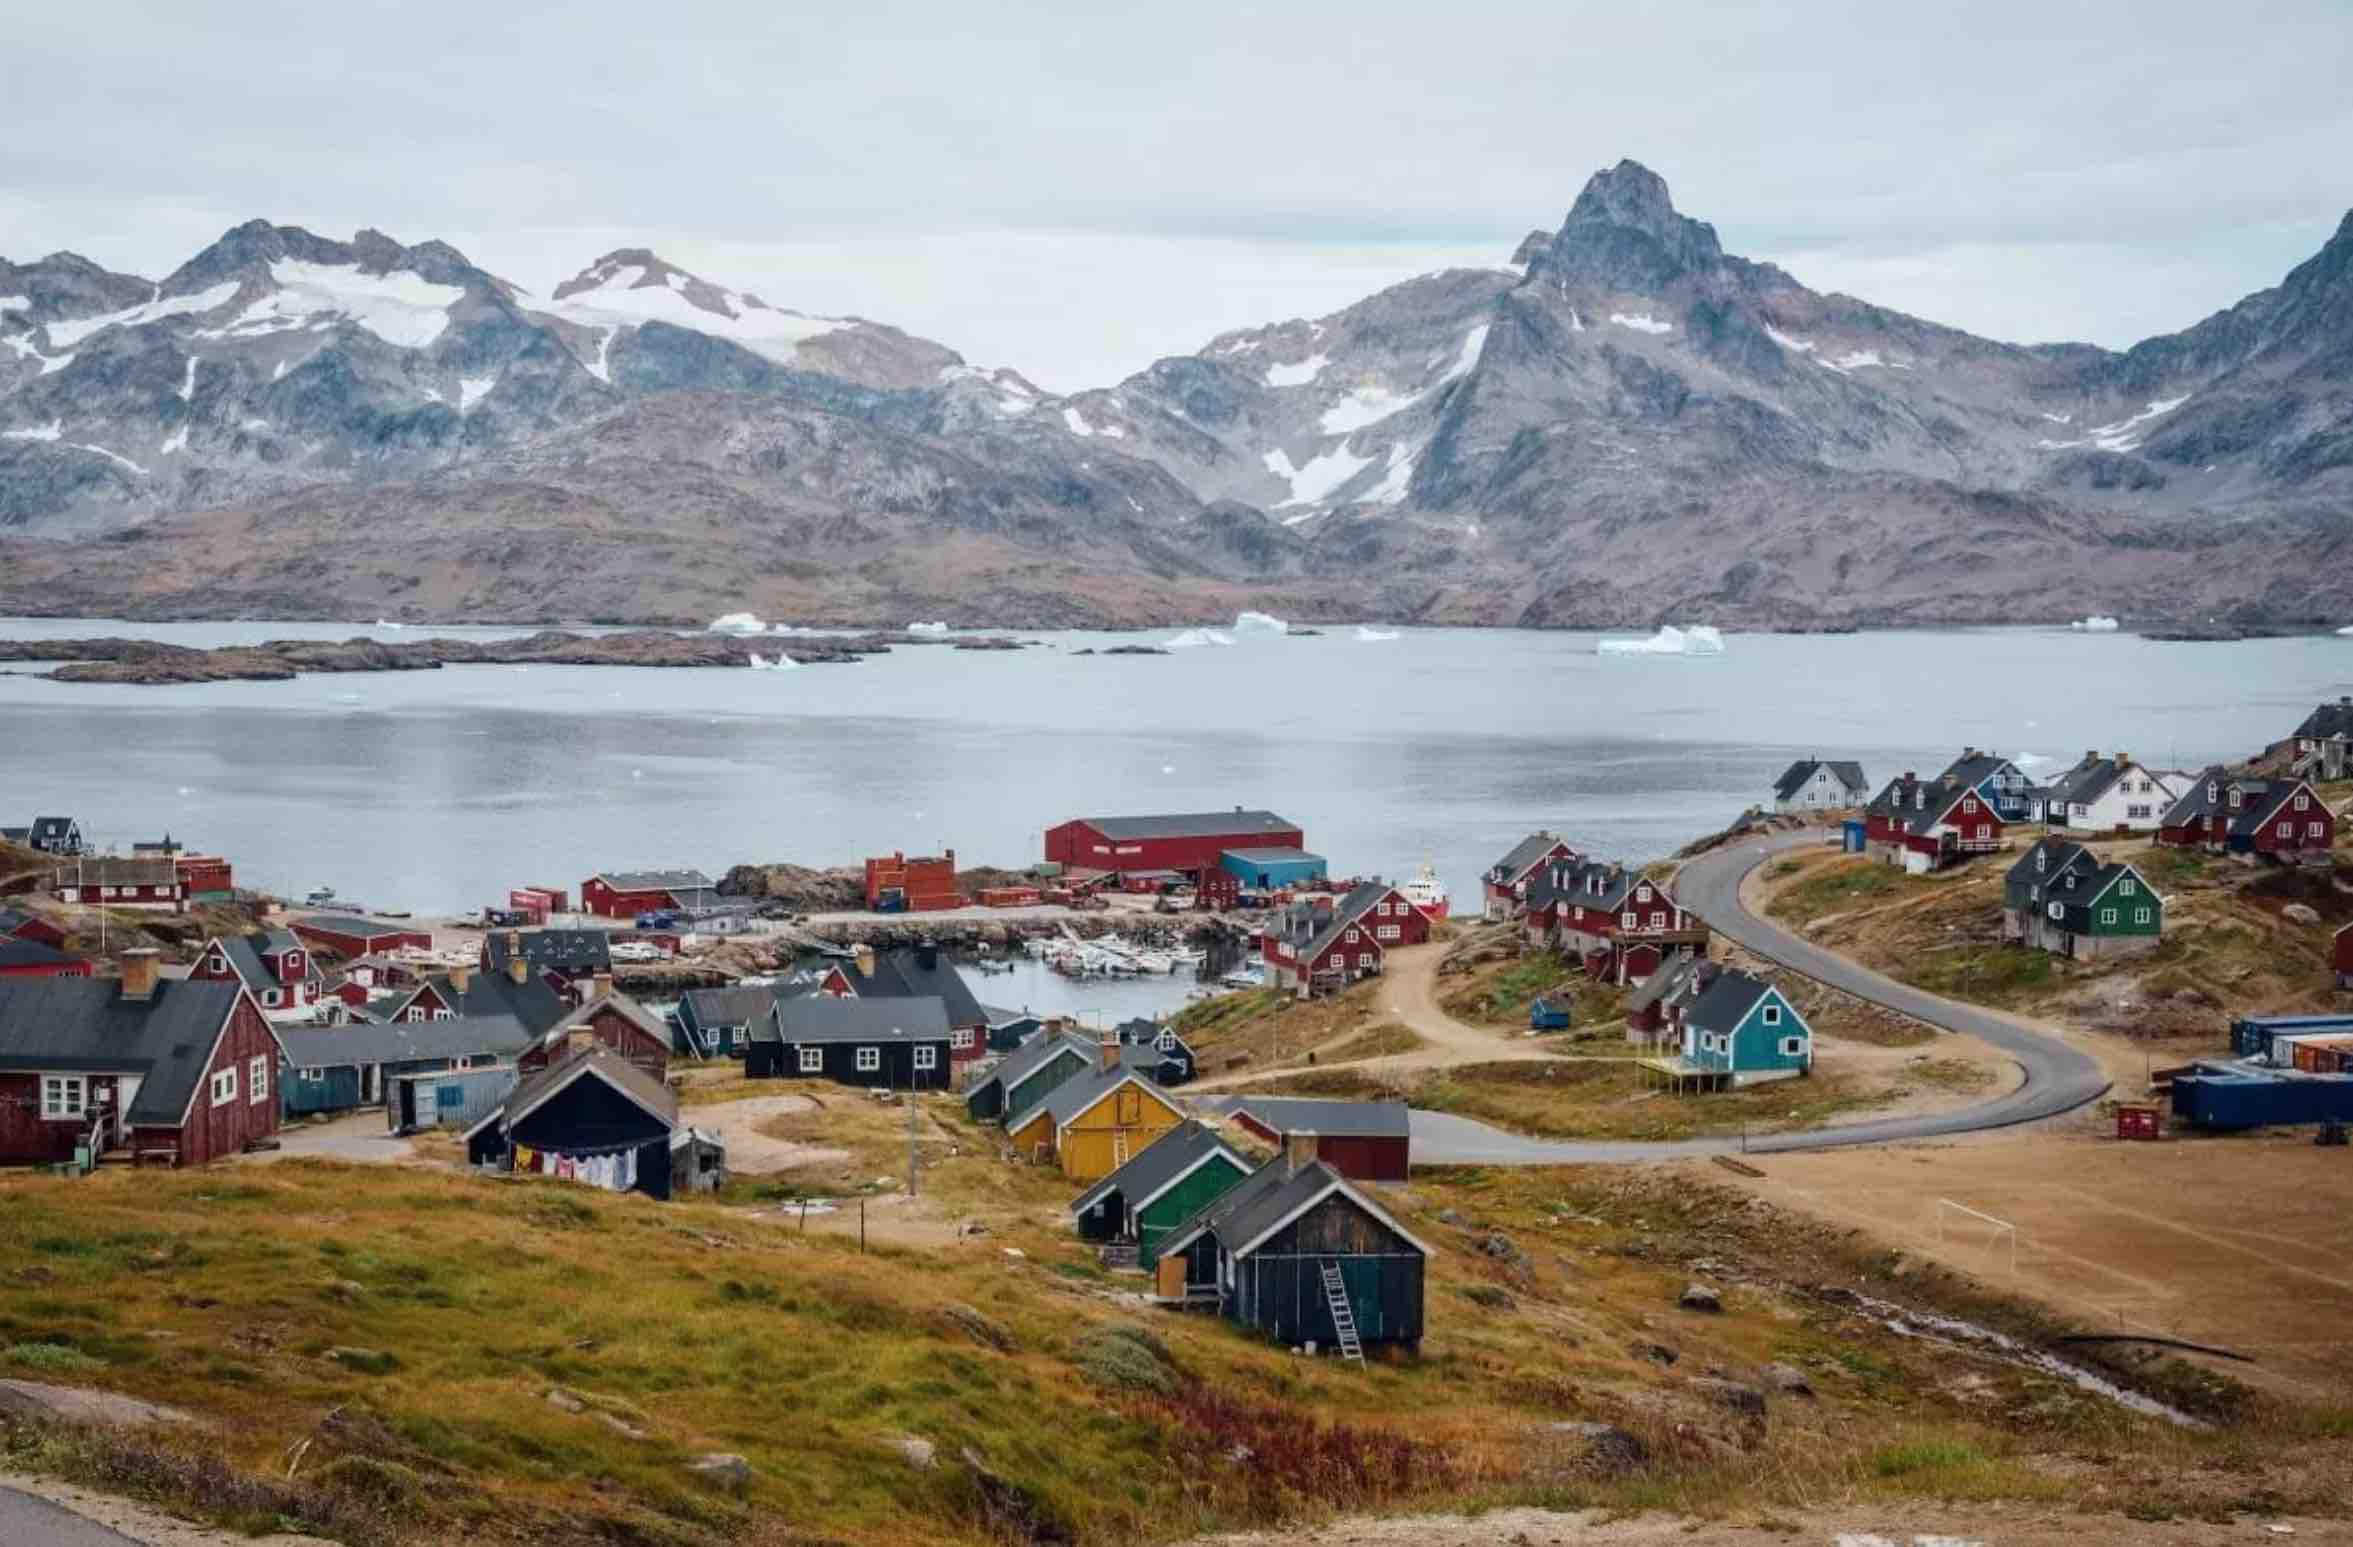 Østgrønland: Stejle fjelde, dybe fjorde og helt uspoleret